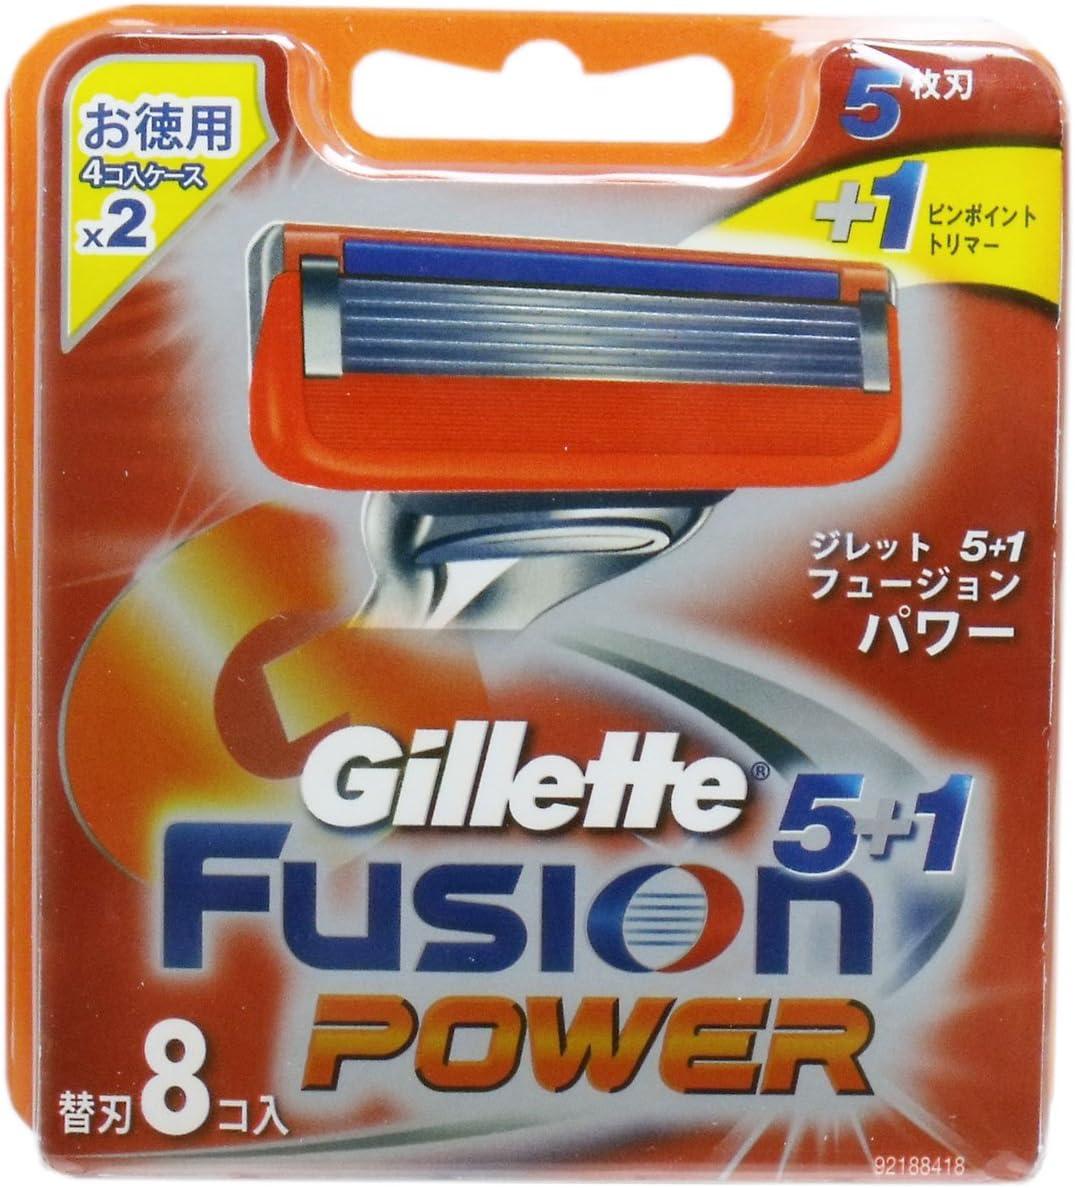 【P&G】ジレット フュージョン 5+1 パワー専用替刃 8個入 ×10個セット